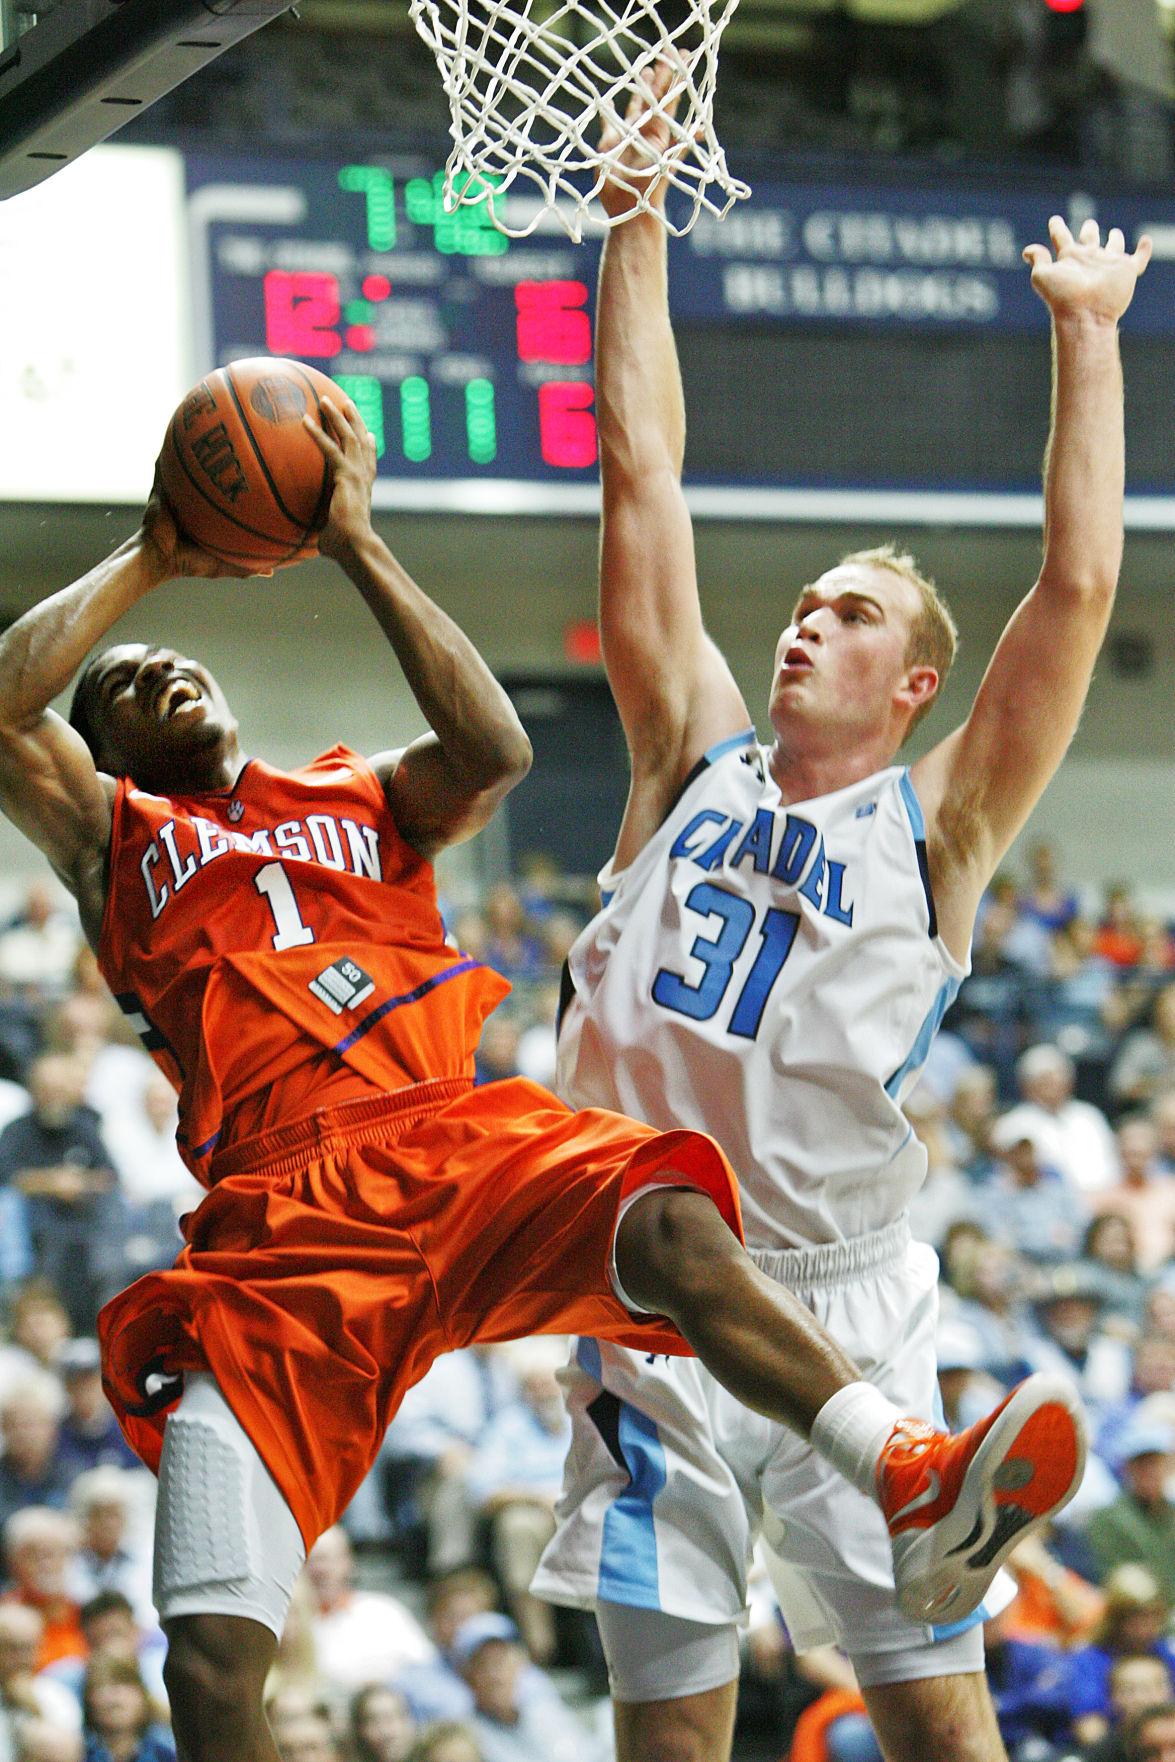 The Citadel vs. Clemson basketball